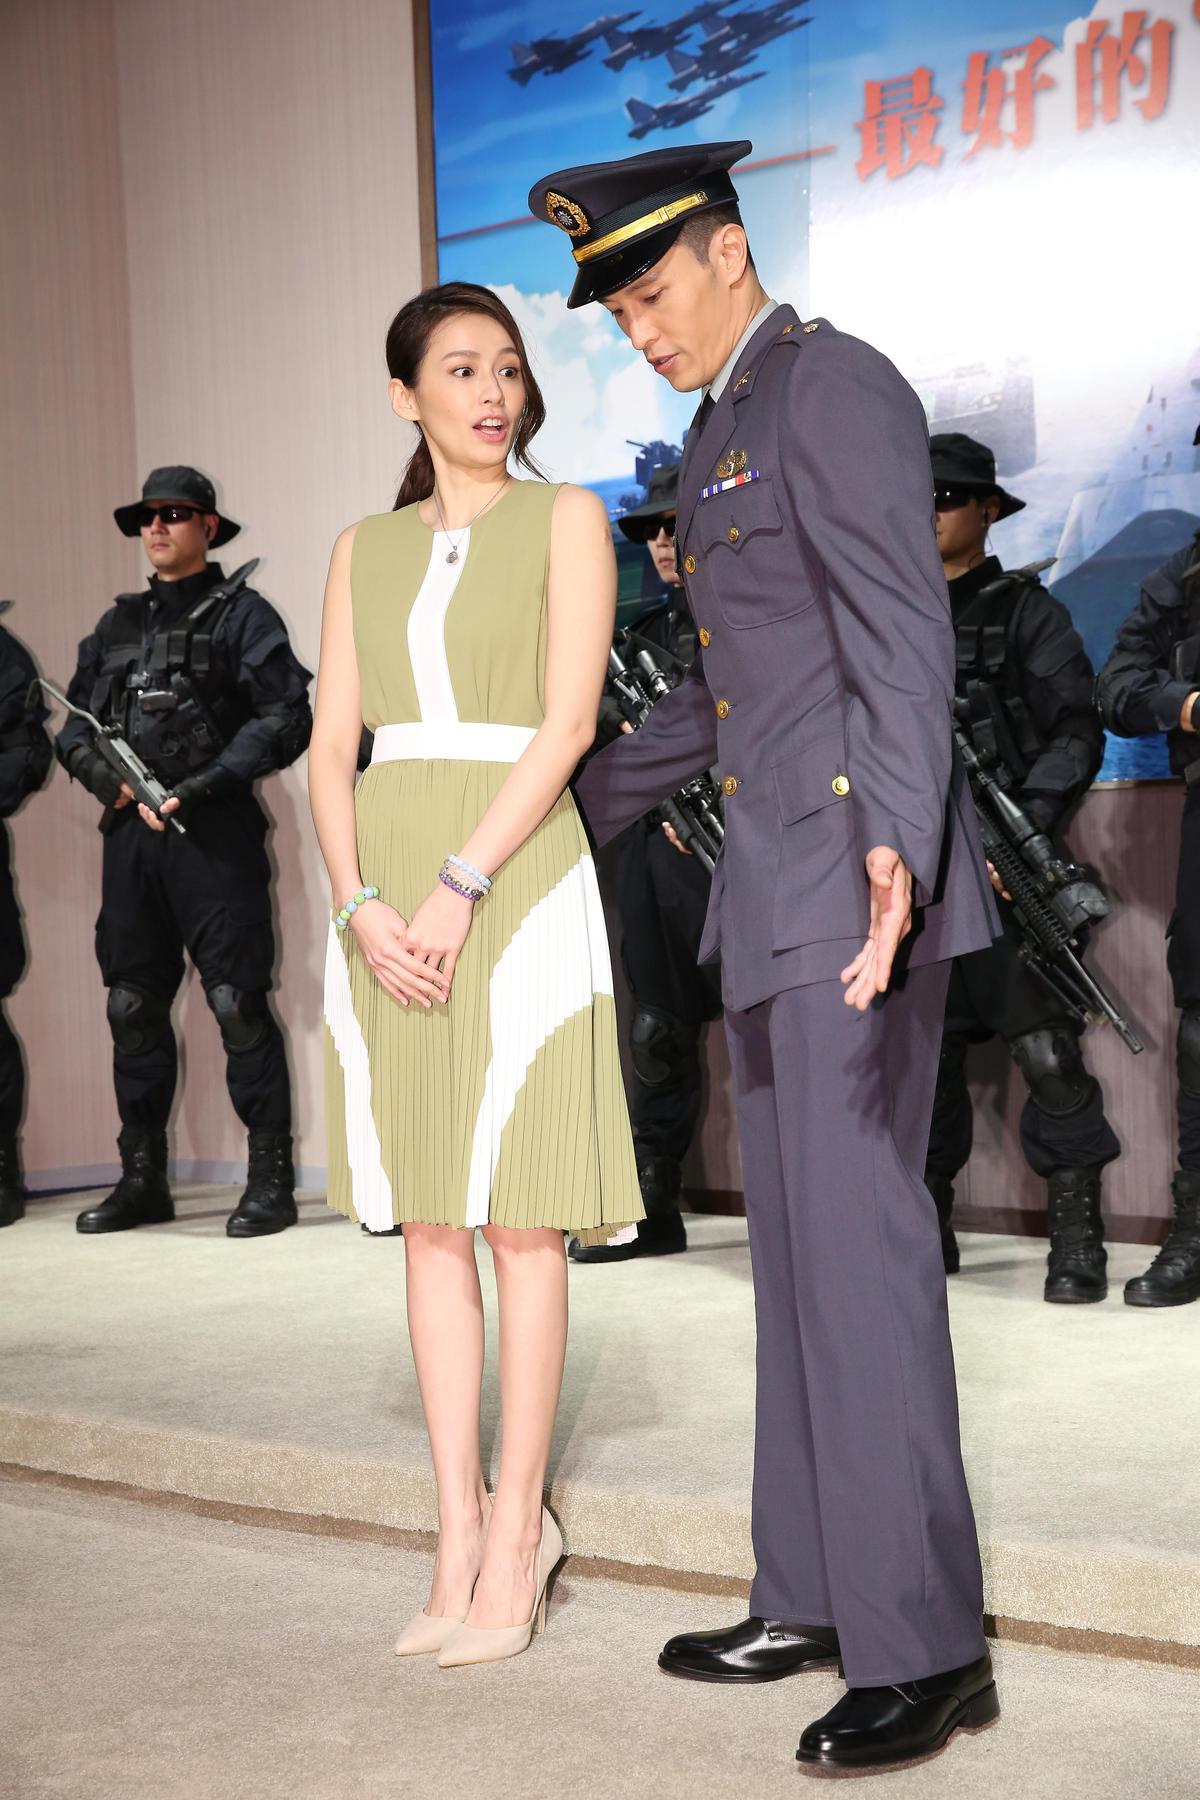 袁艾菲(左)和陳禕倫在《最好的選擇》中飾演男女主角並發展出情愫。